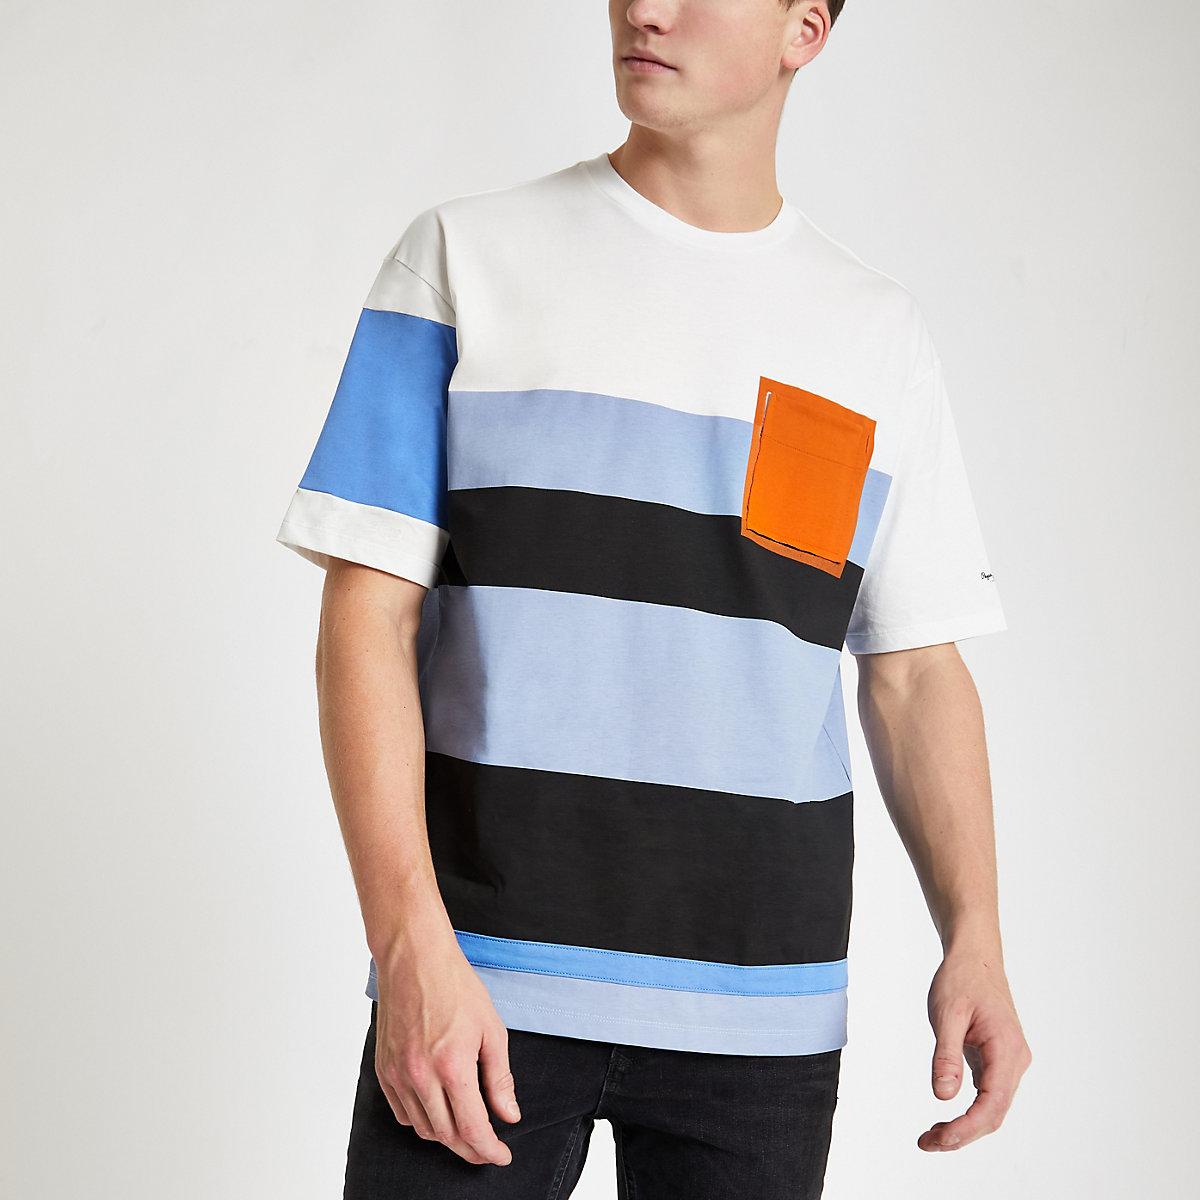 Pepe Jeans blue color block T-shirt